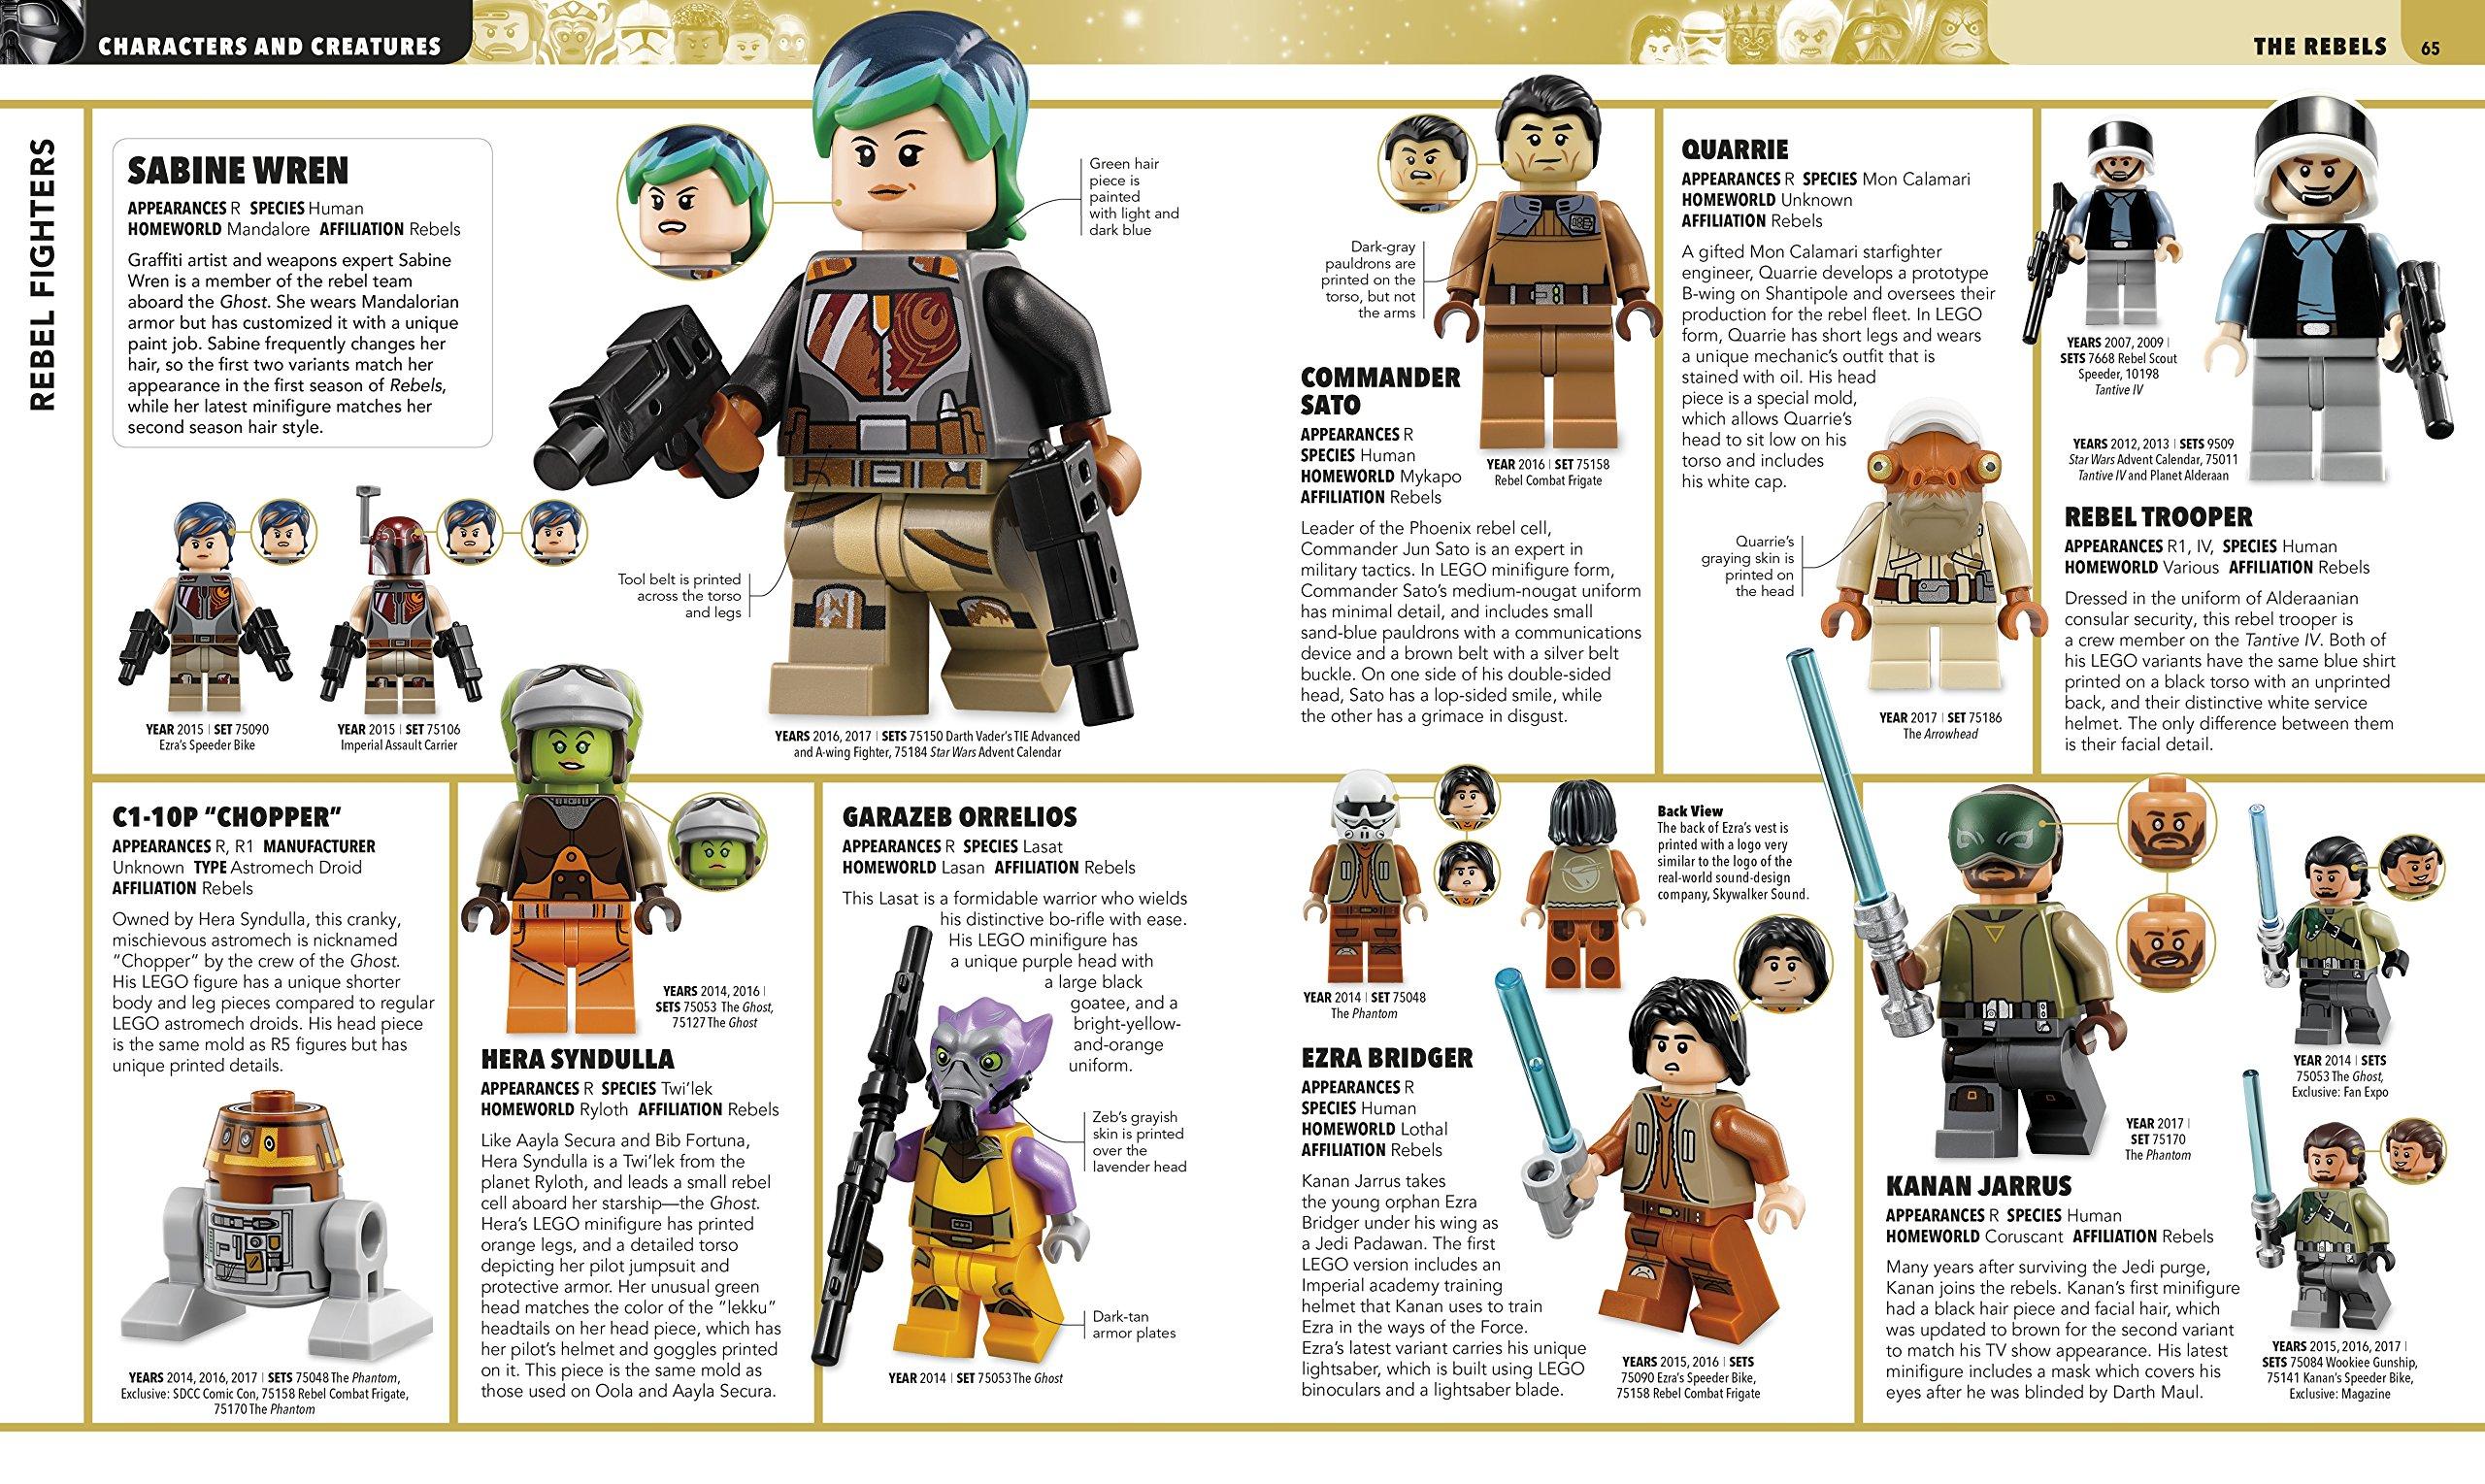 Dk Vorschauseiten Zu Ultimate Lego Star Wars Characters Creatures